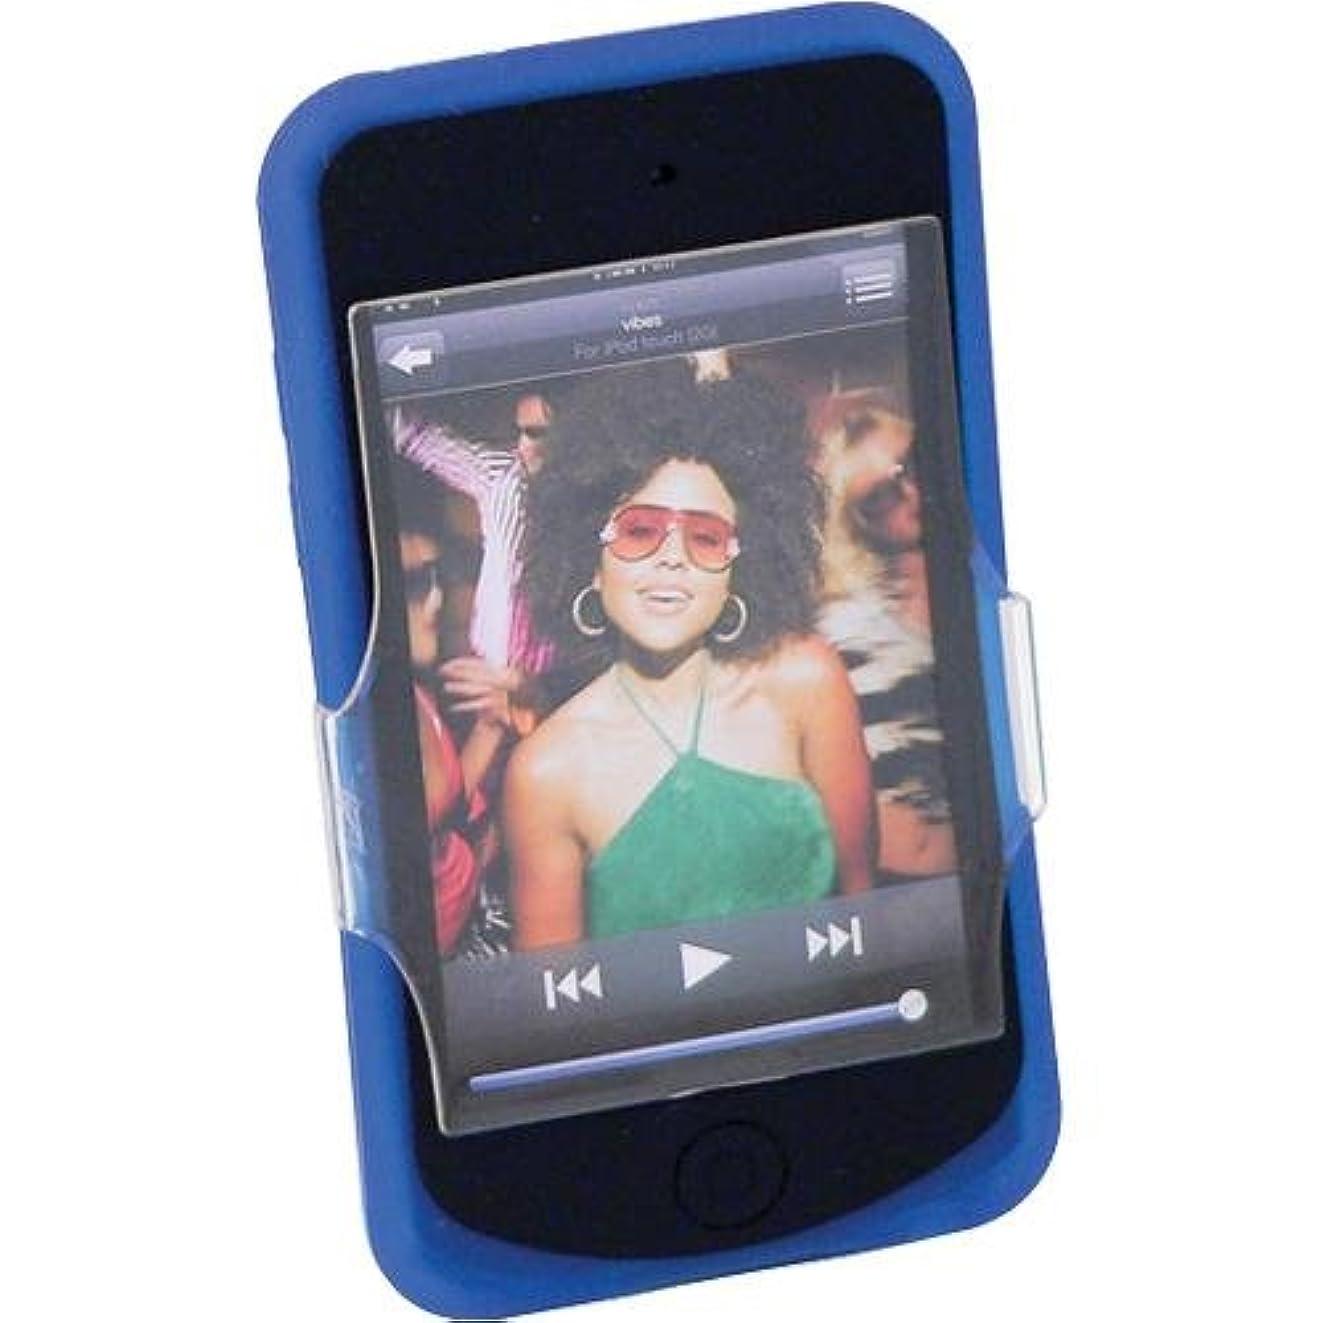 【正規品】 iSkin ソフトケース Vibes for iPod touch 2G Blue VBST2G-BE